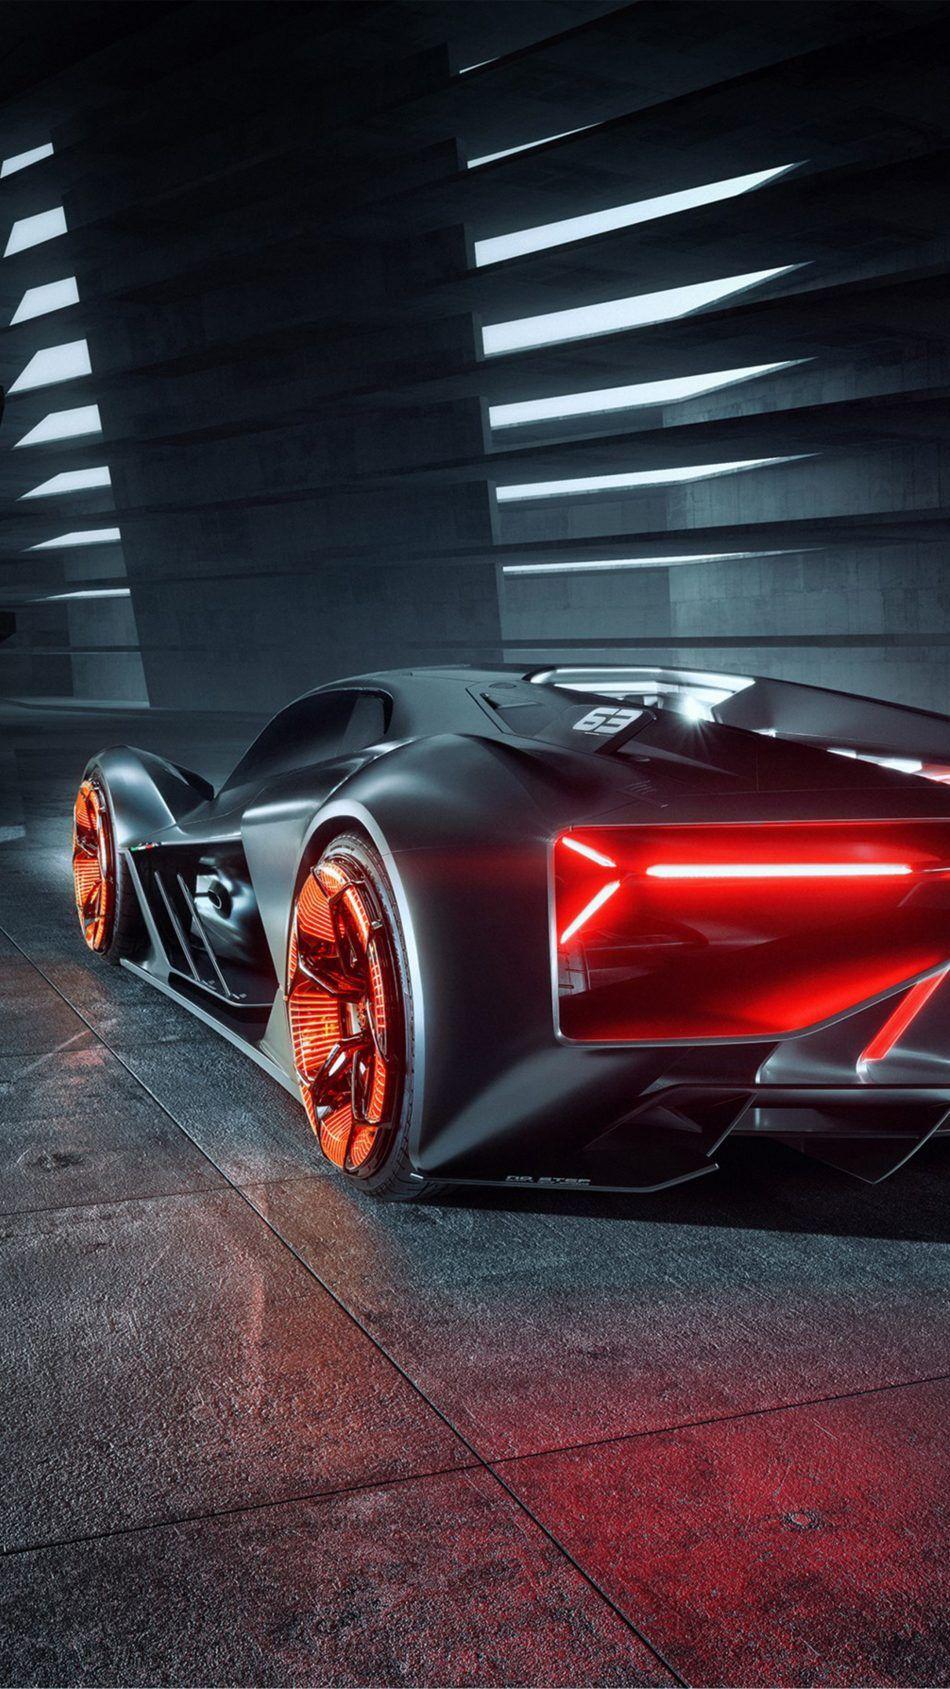 Lamborghini Terzo Millennio 4k Ultra Hd Mobile Wallpaper Lamborghini Cars Super Cars Super Luxury Cars